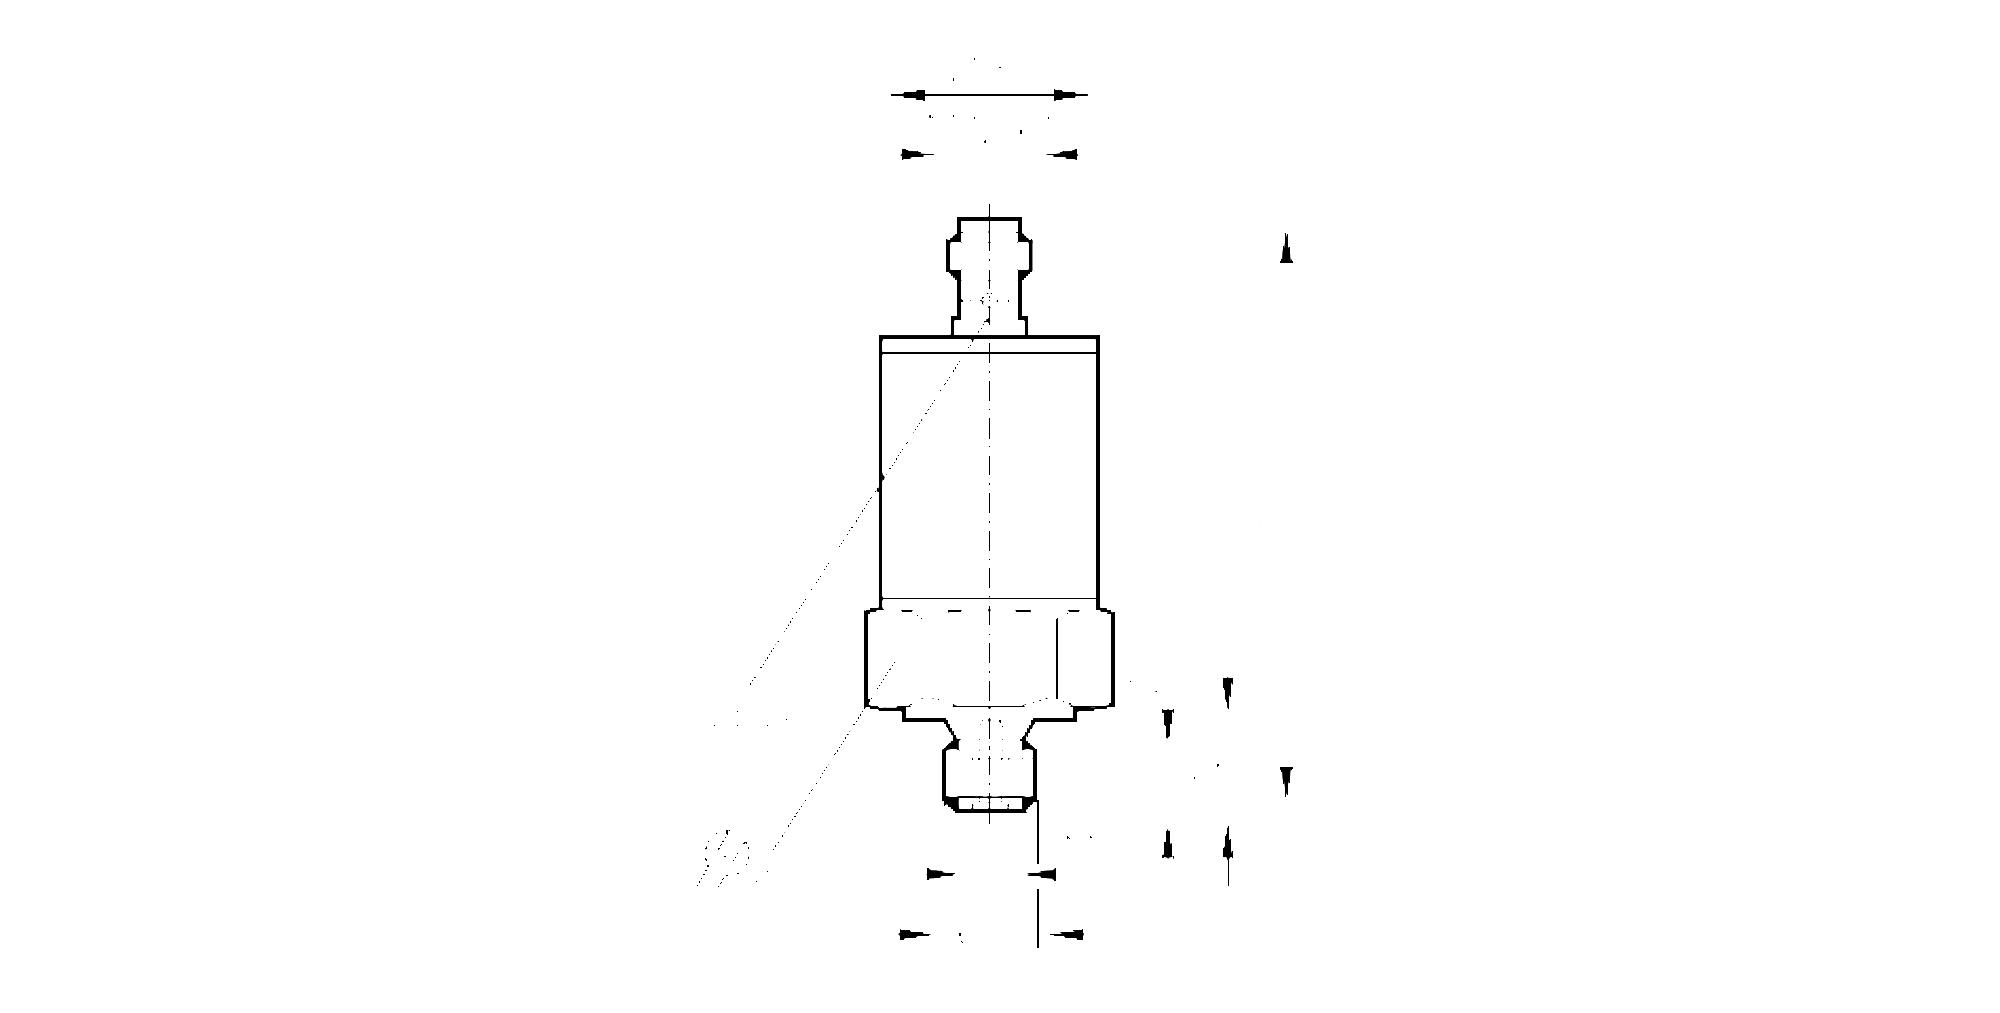 pp7020 - pressostato con cella di misura in ceramica